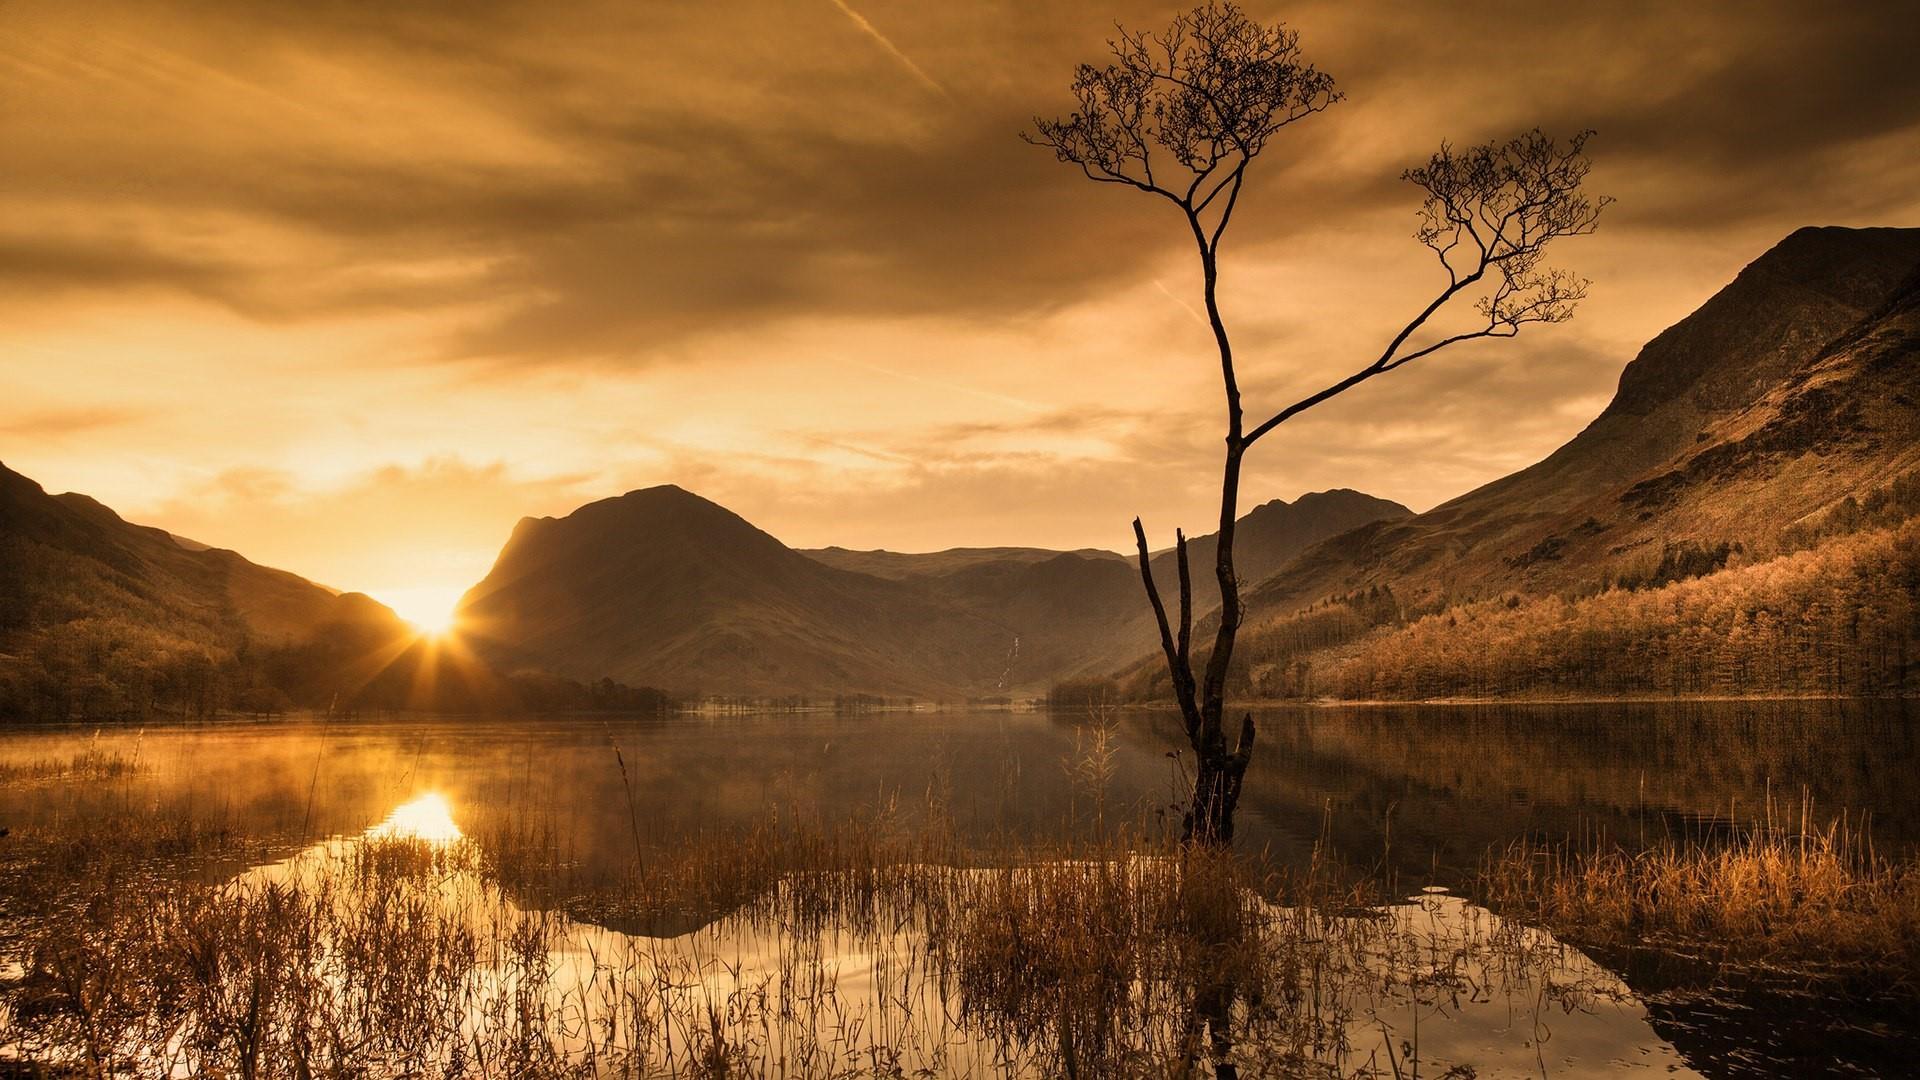 Beautiful sunrise reflection wallpaper